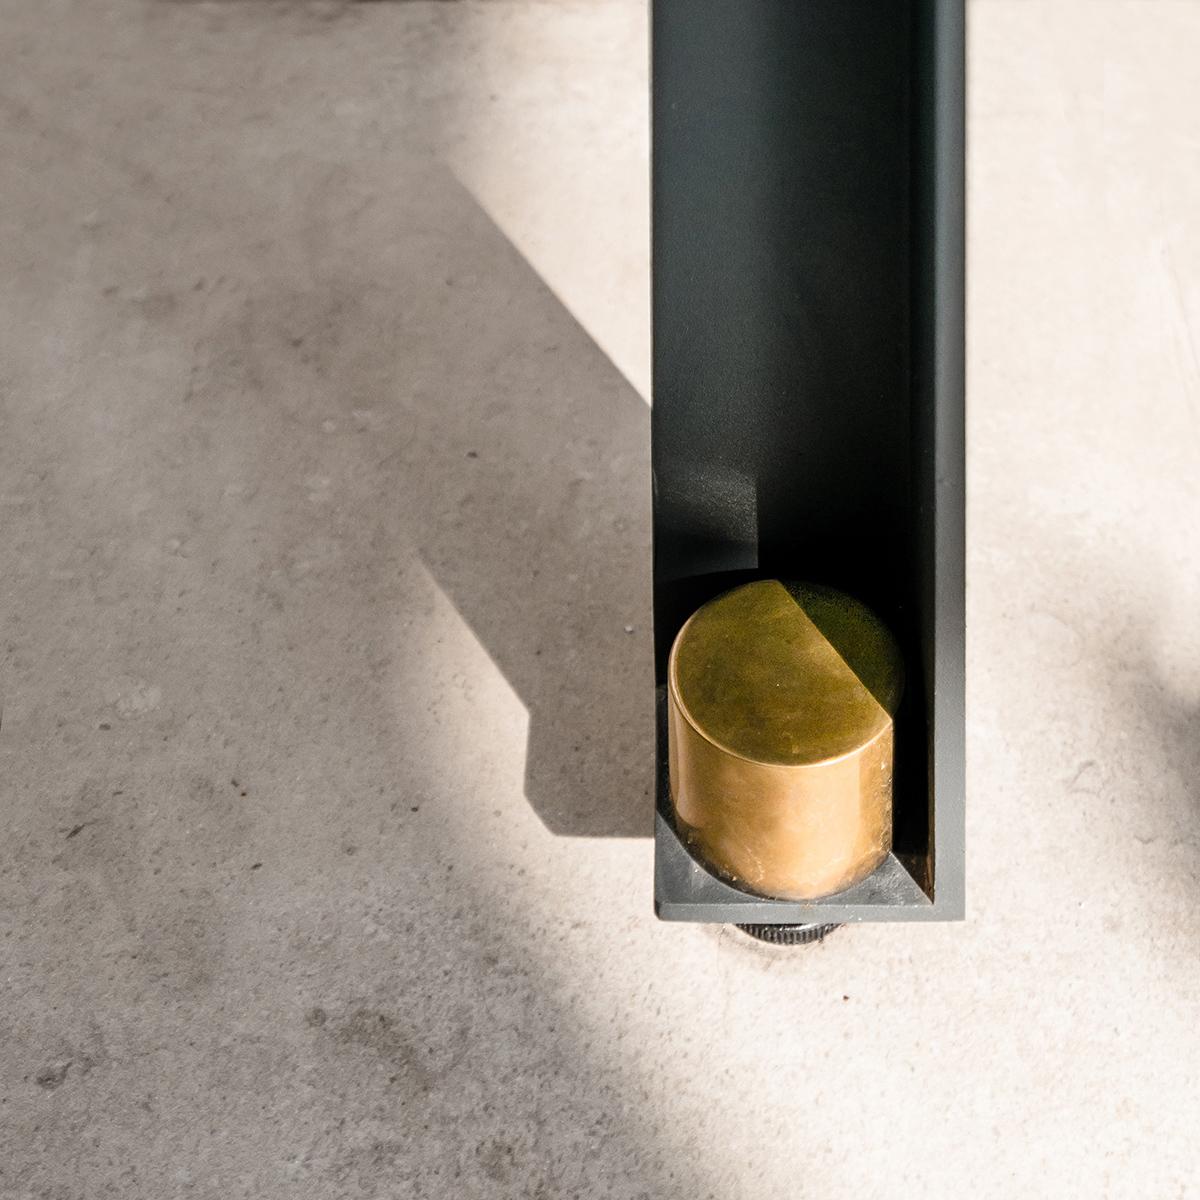 DUCA è un tavolo composto da tre elementi: un piano di marmo, una linea ininterrotta di metallo, e una serie coordinata di dettagli a impreziosirlo. Un piccolo capolavoro disponibile su misura e in diverse varianti, coordinate, per interni e esterni | dettaglio | Bottega di Architettura | (c) Carlo Deregibus